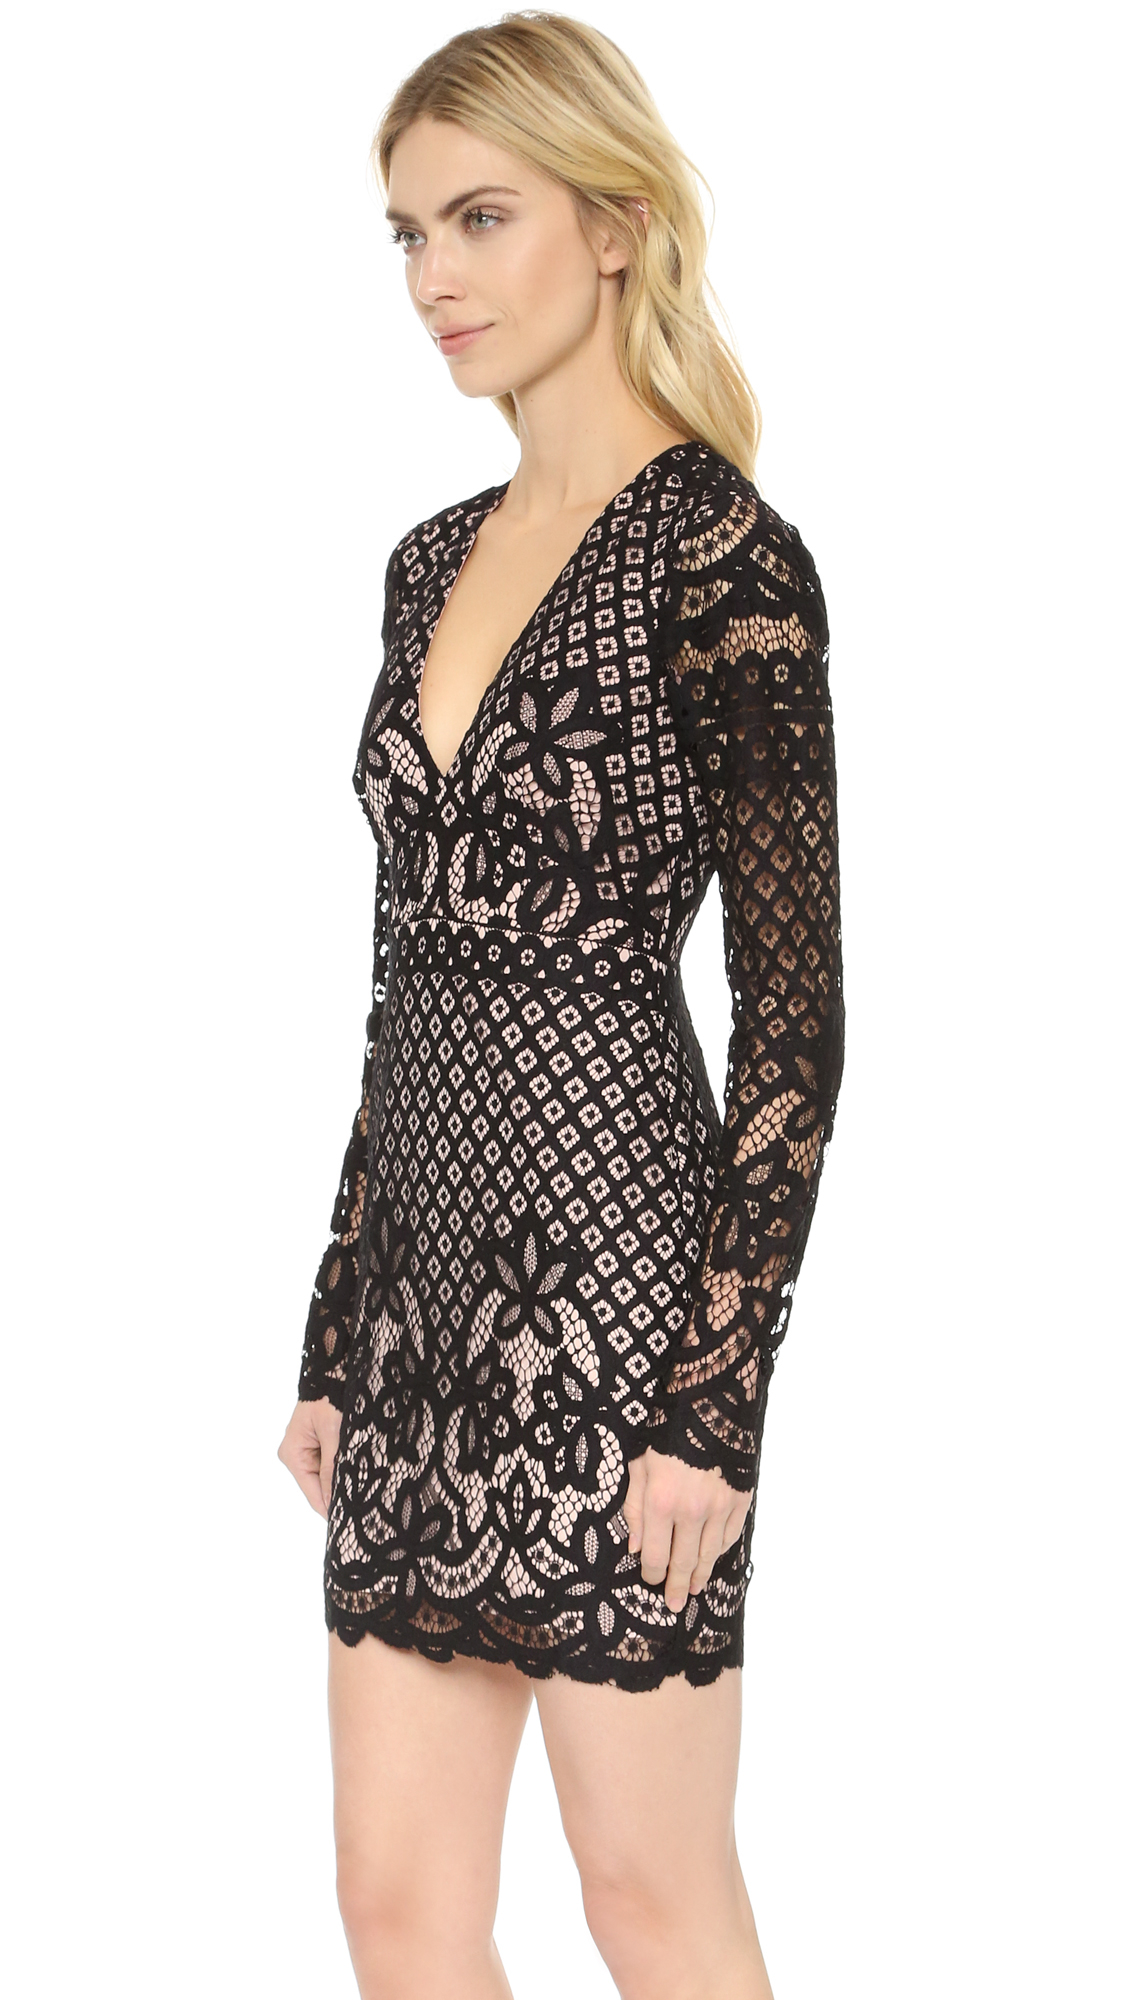 Black styles stalker dresses 2018